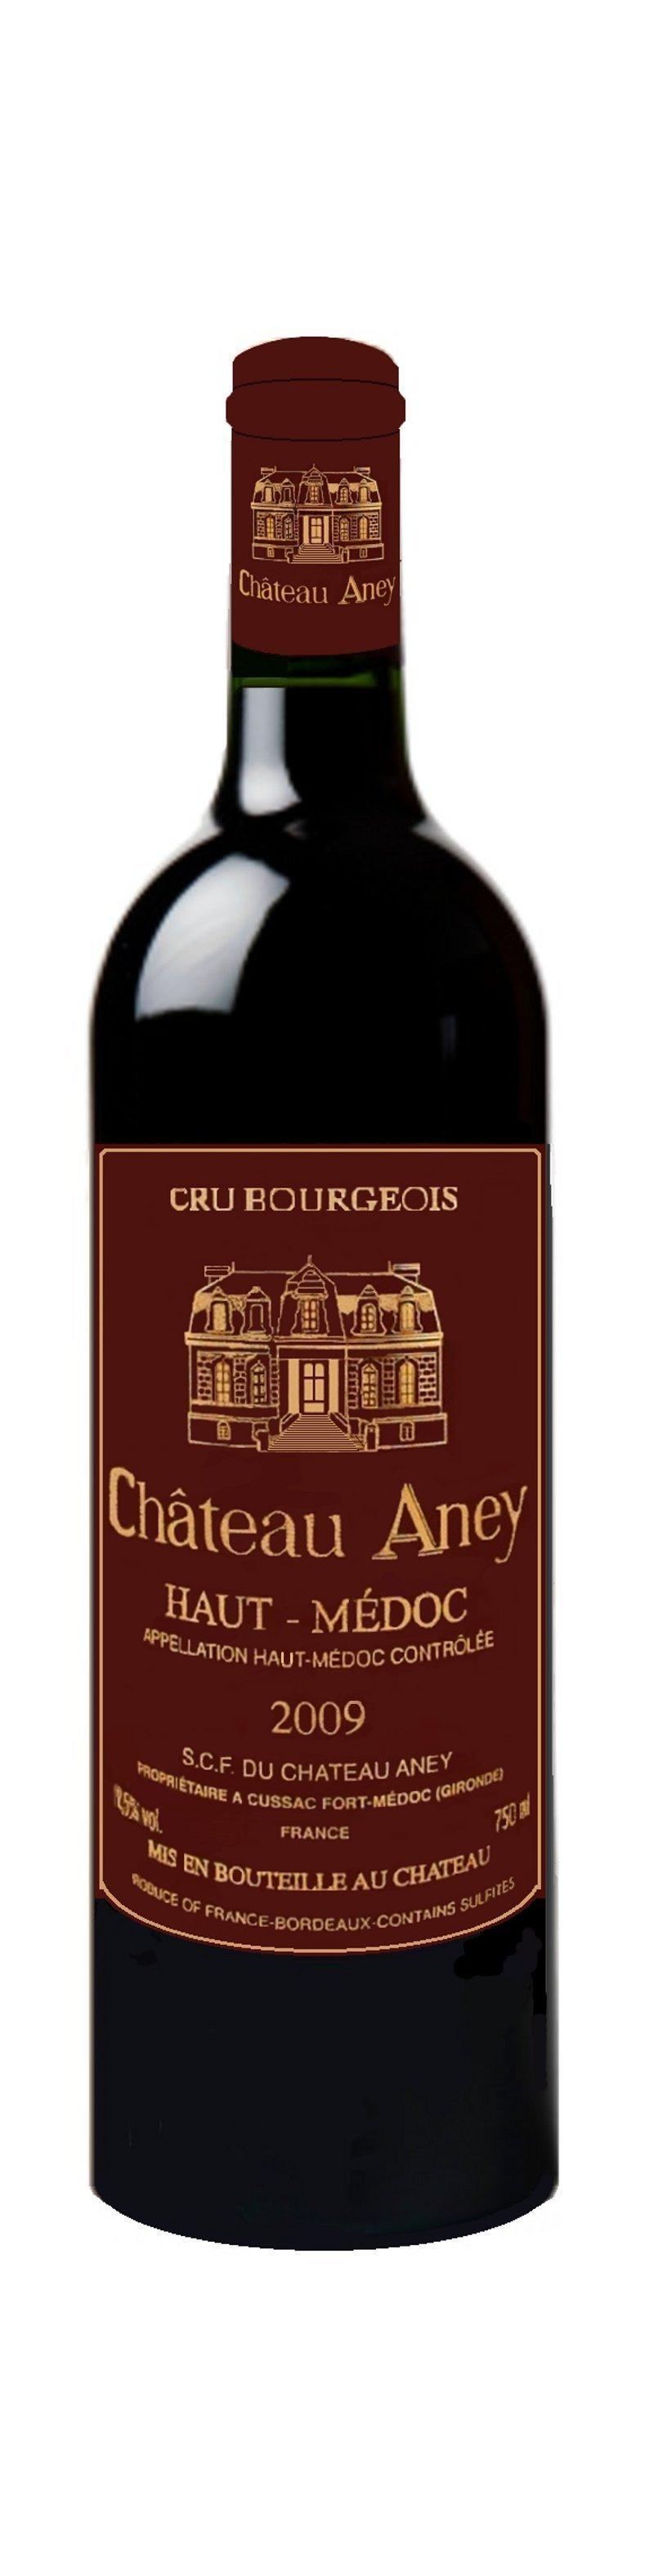 Chateau Aney Cru Bourgeois Haut Medoc 2009 Dark Fruits Smoke Spice Balanced Lingering Finish